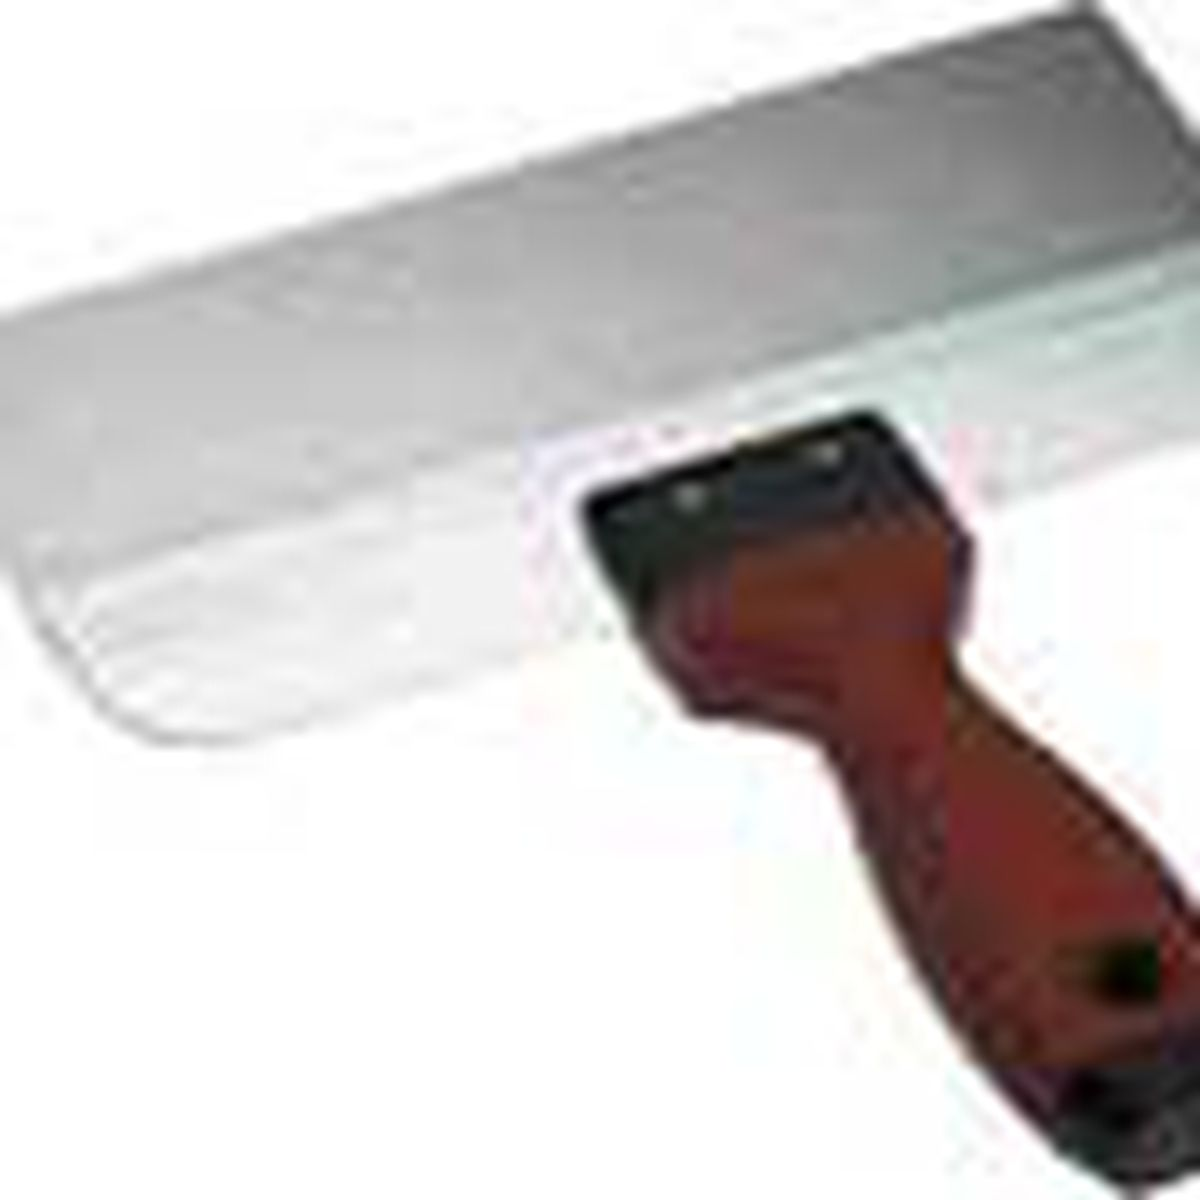 drywall knife